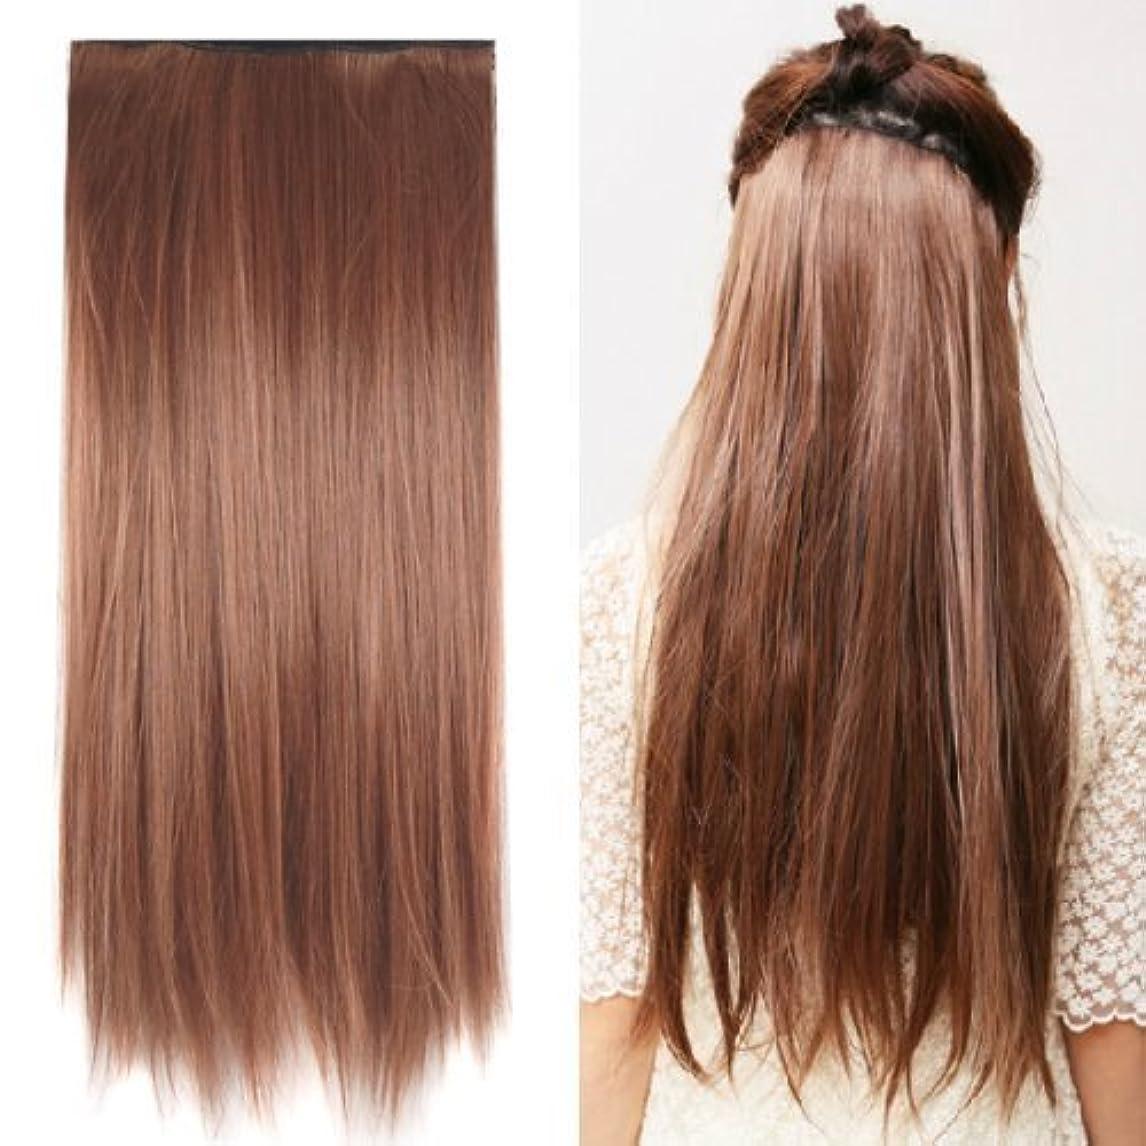 重要さておき絡み合いSODIAL(R) Clip in on hair Straight Tail extensions New human heat resistant fibe - Blonde